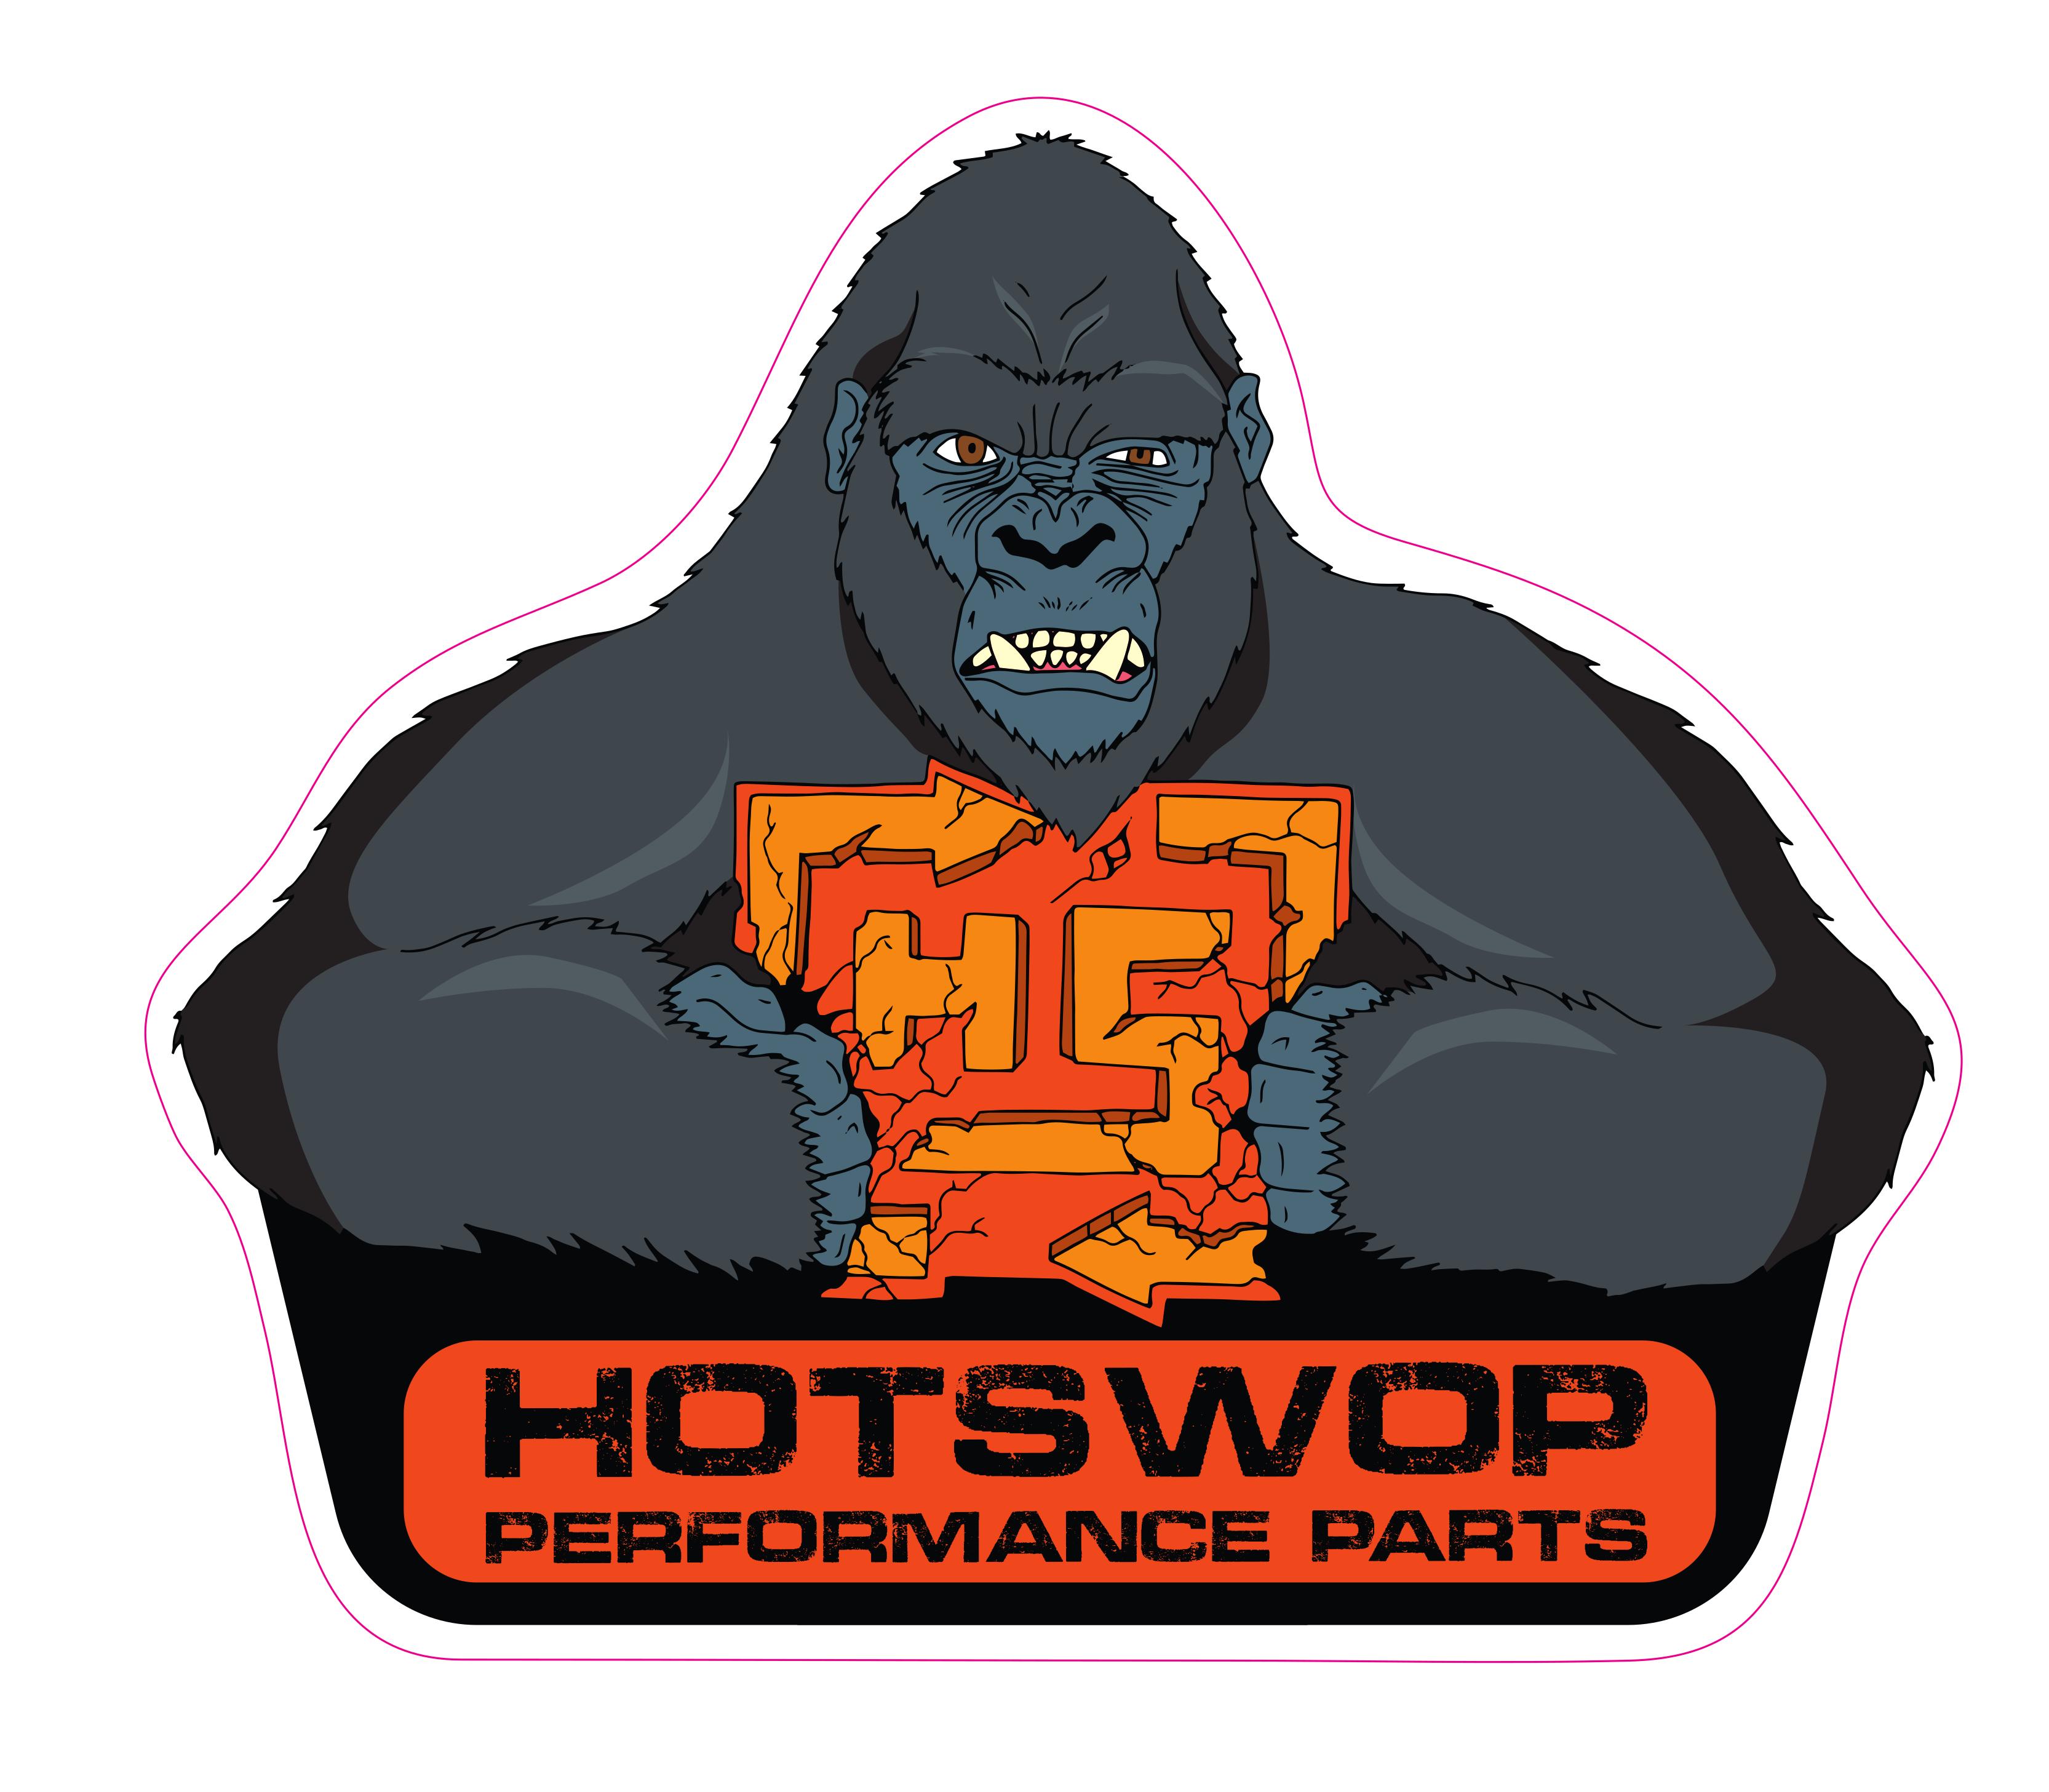 HotSwop